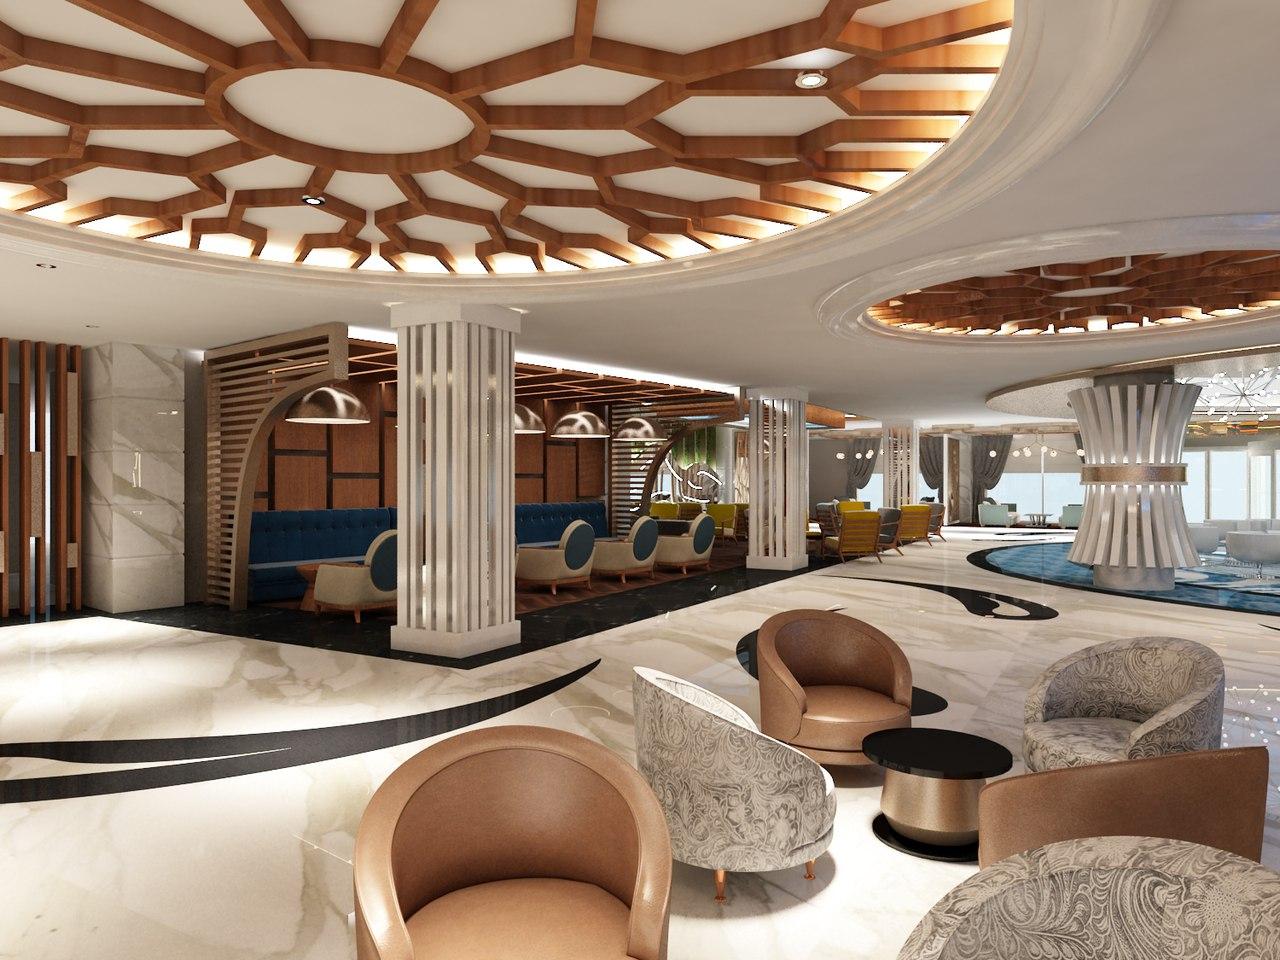 Турция, Сиде!!! Новый отель!!! 10 дней!!! 21 701 руб. с человека!!!